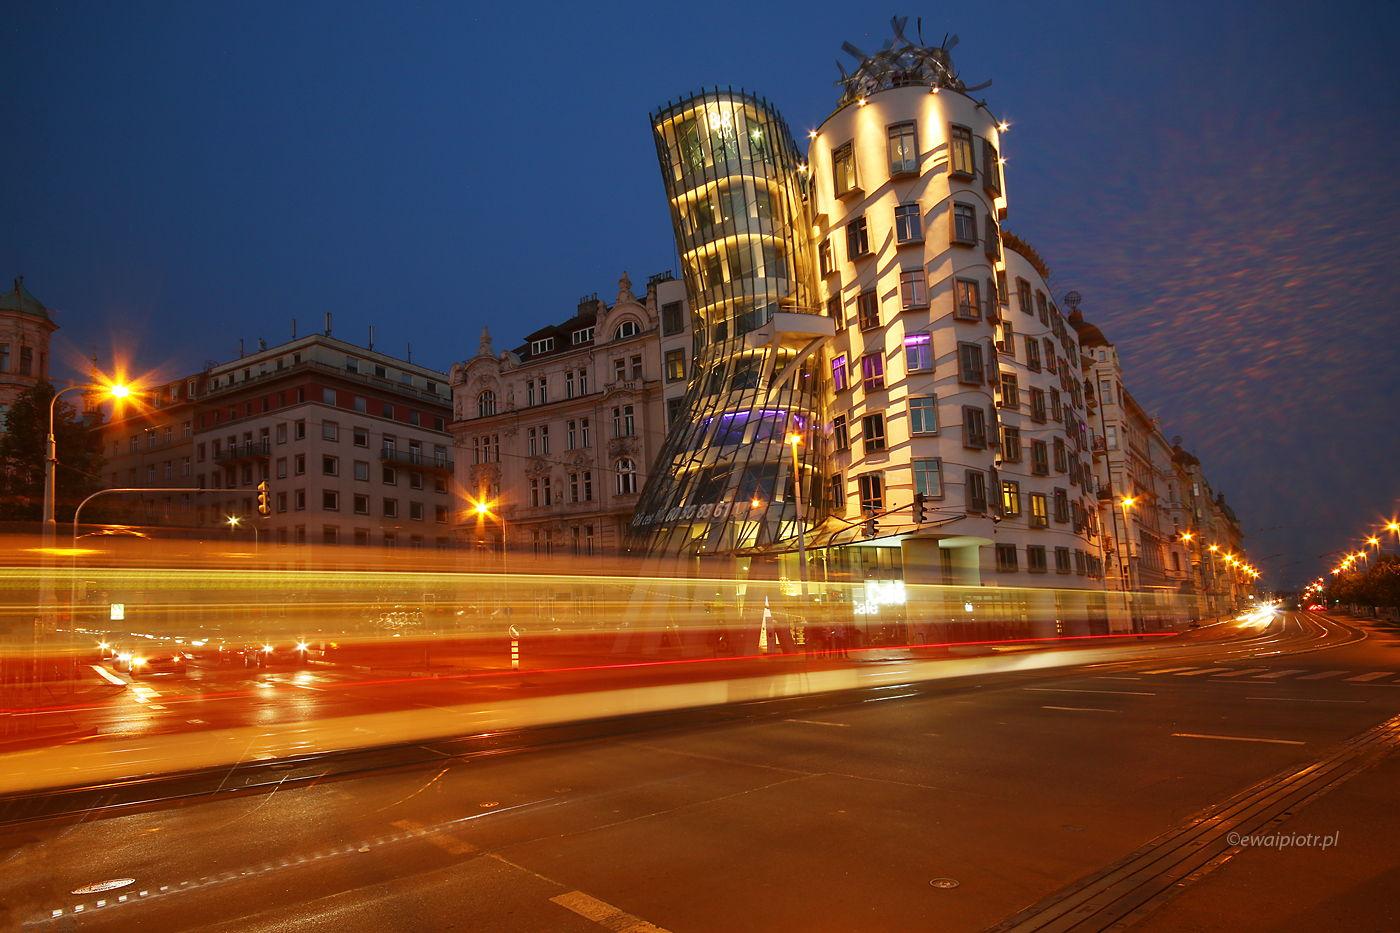 Tańczący Dom, Praga, długa ekspozycja, smugi świateł